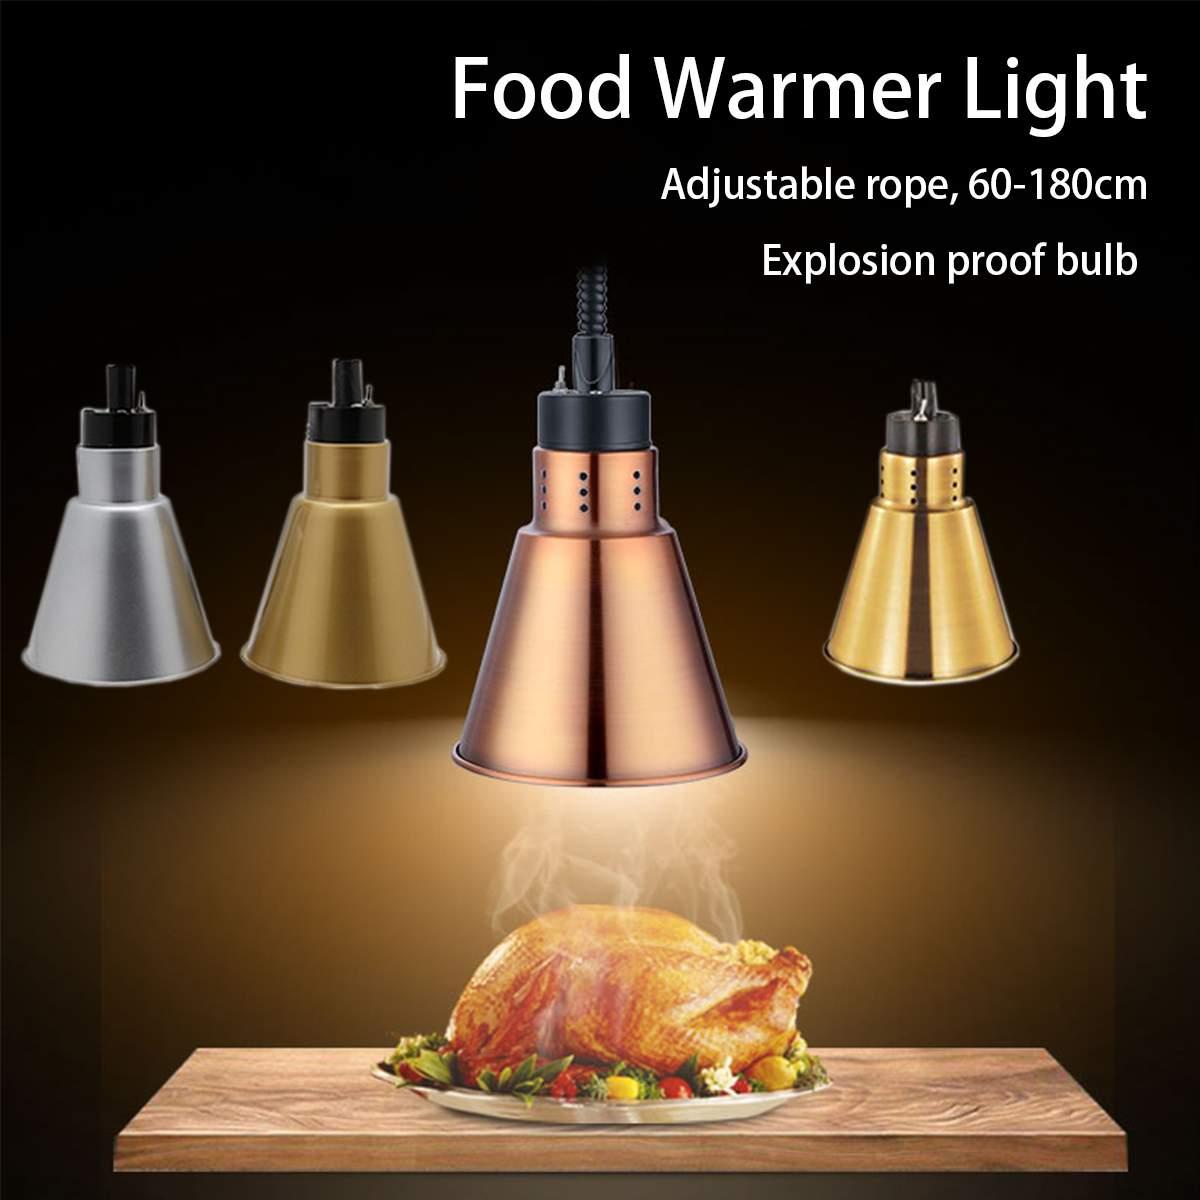 250 واط الغذاء العزل الثريات مصباح تدفئة مصباح تدفئة كهربائية قابل للتعديل المطابخ جهاز مطعم بار الثريا